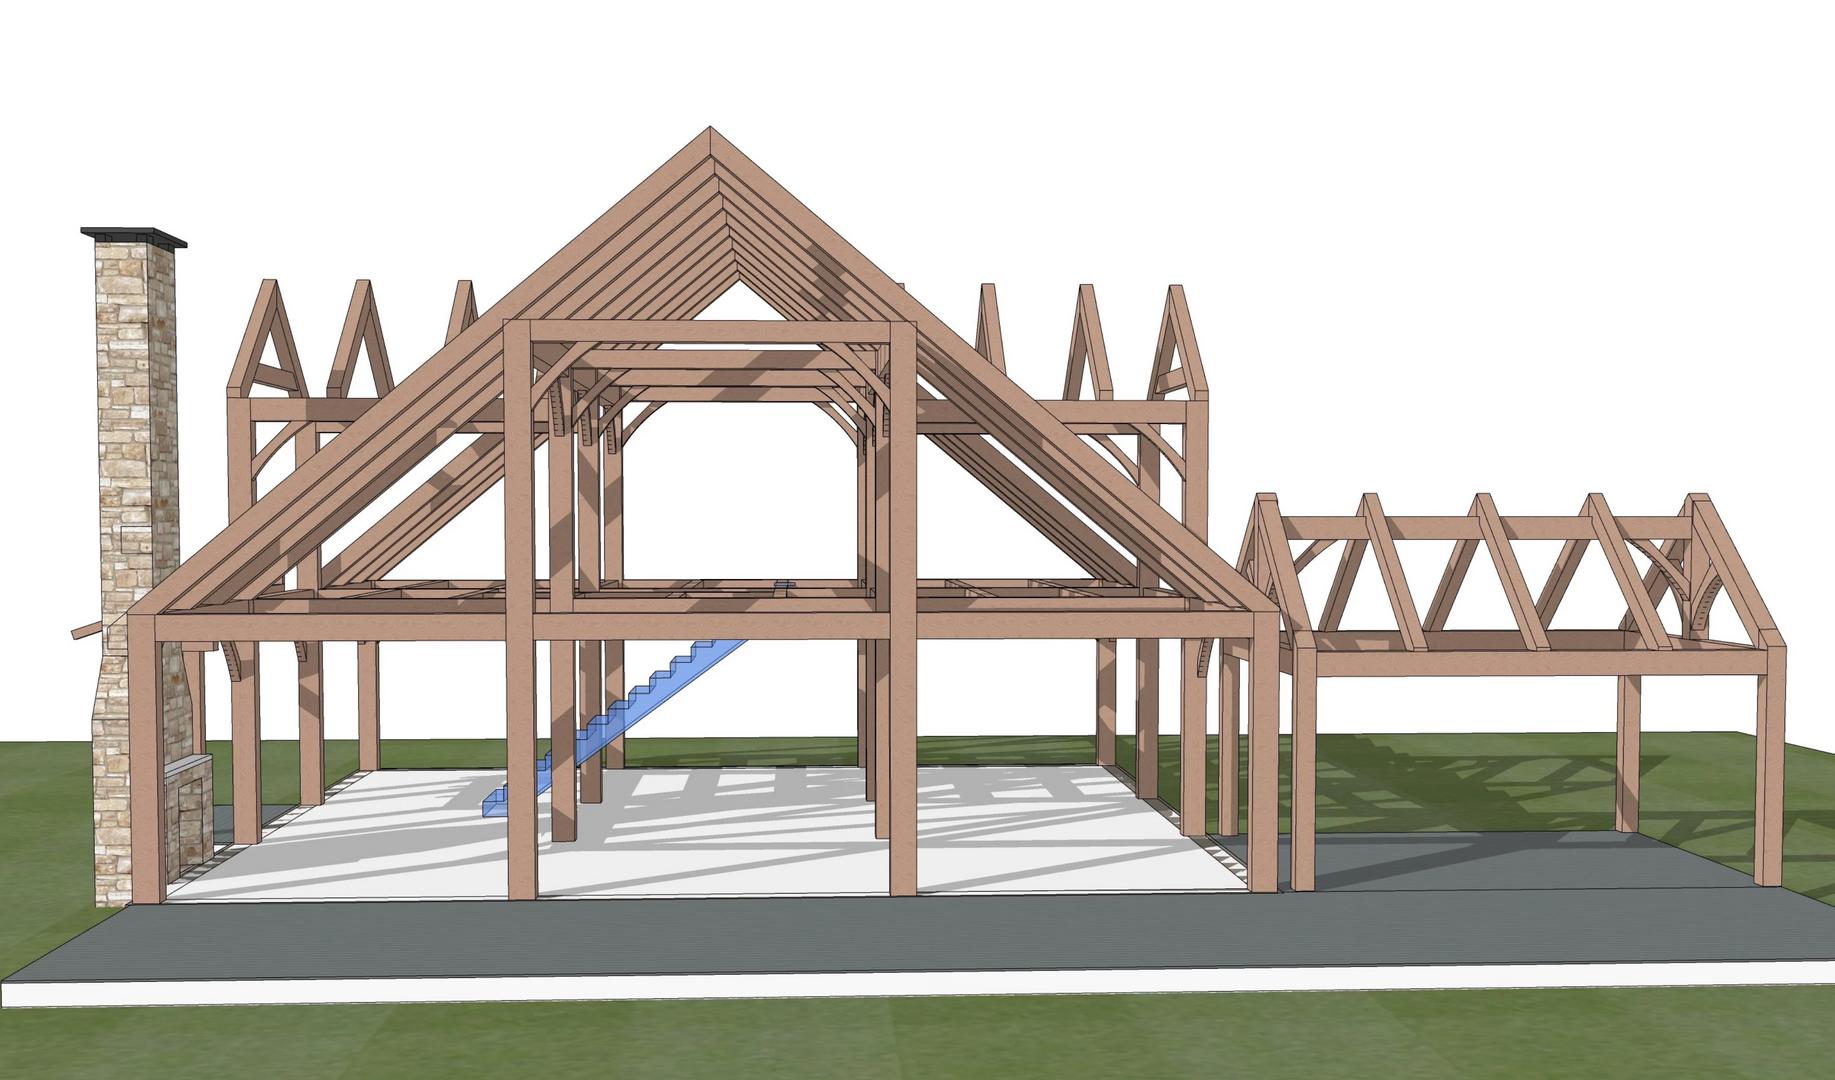 Batten Kill timber frame